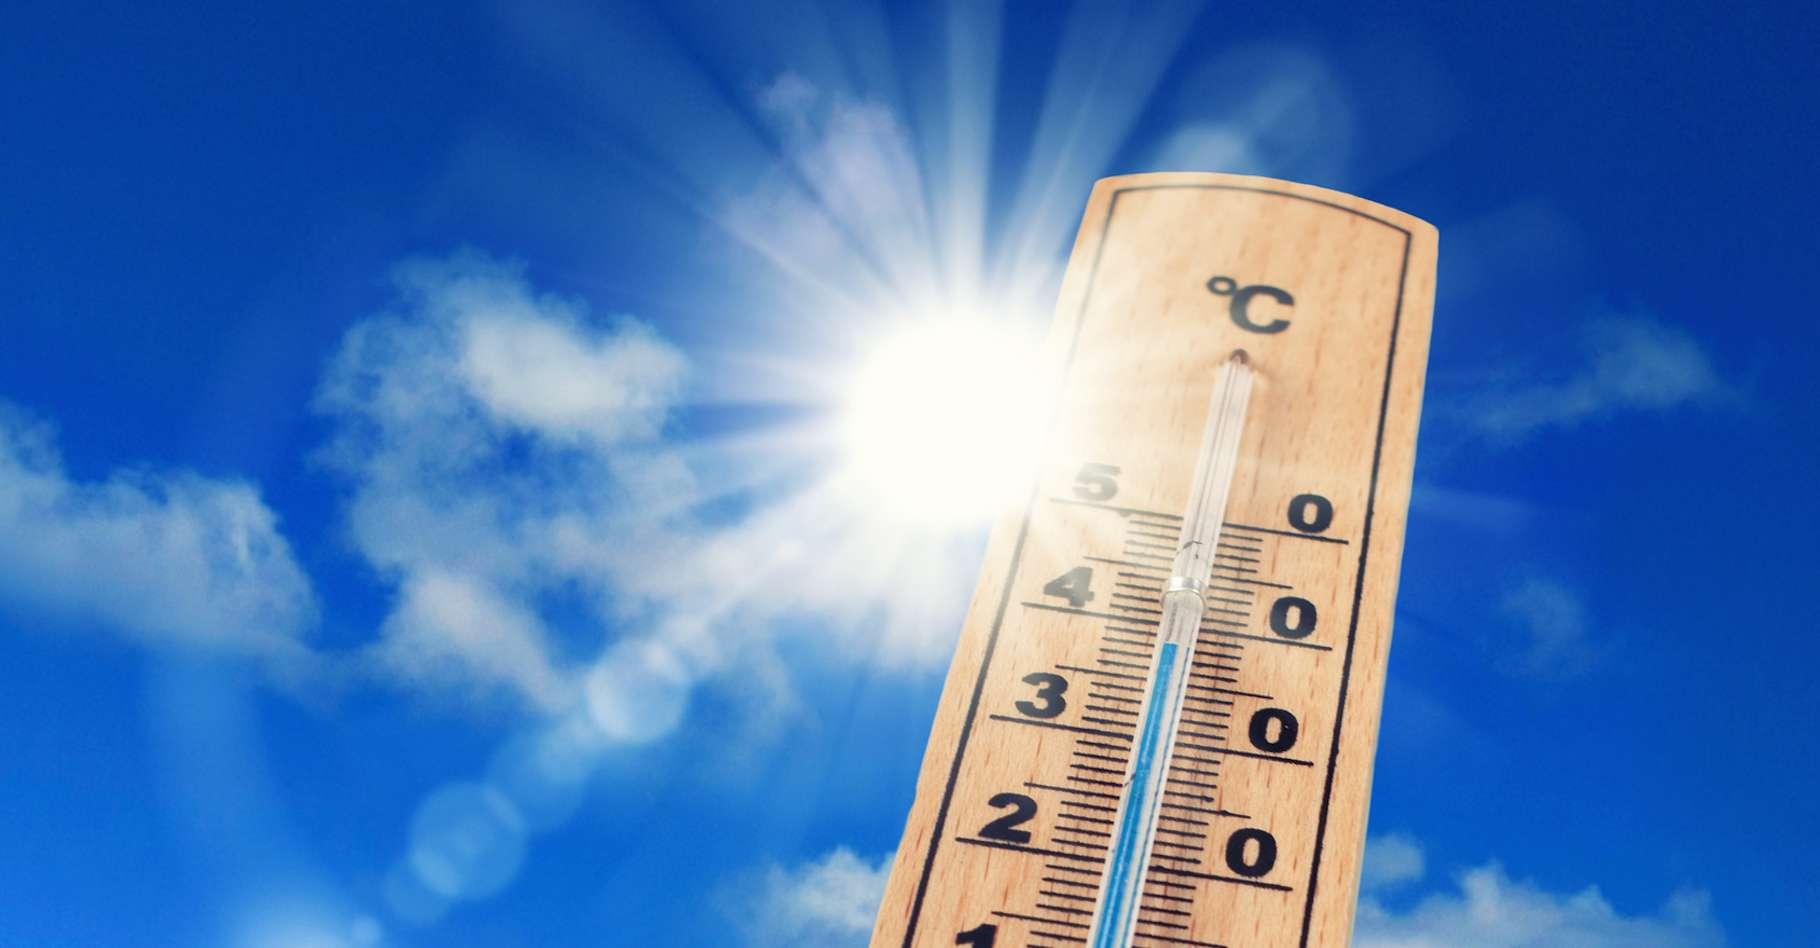 Les données de l'agence européenne Copernicus Climate Change Service (C3S) et celles de l'agence américaine National Oceanic and Atmospheric Administration (NOAA) aboutissent à la même conclusion : juillet 2019 a été le mois le plus chaud, tous mois confondus, jamais enregistré sur la planète. © Jenny Sturm, Fotolia